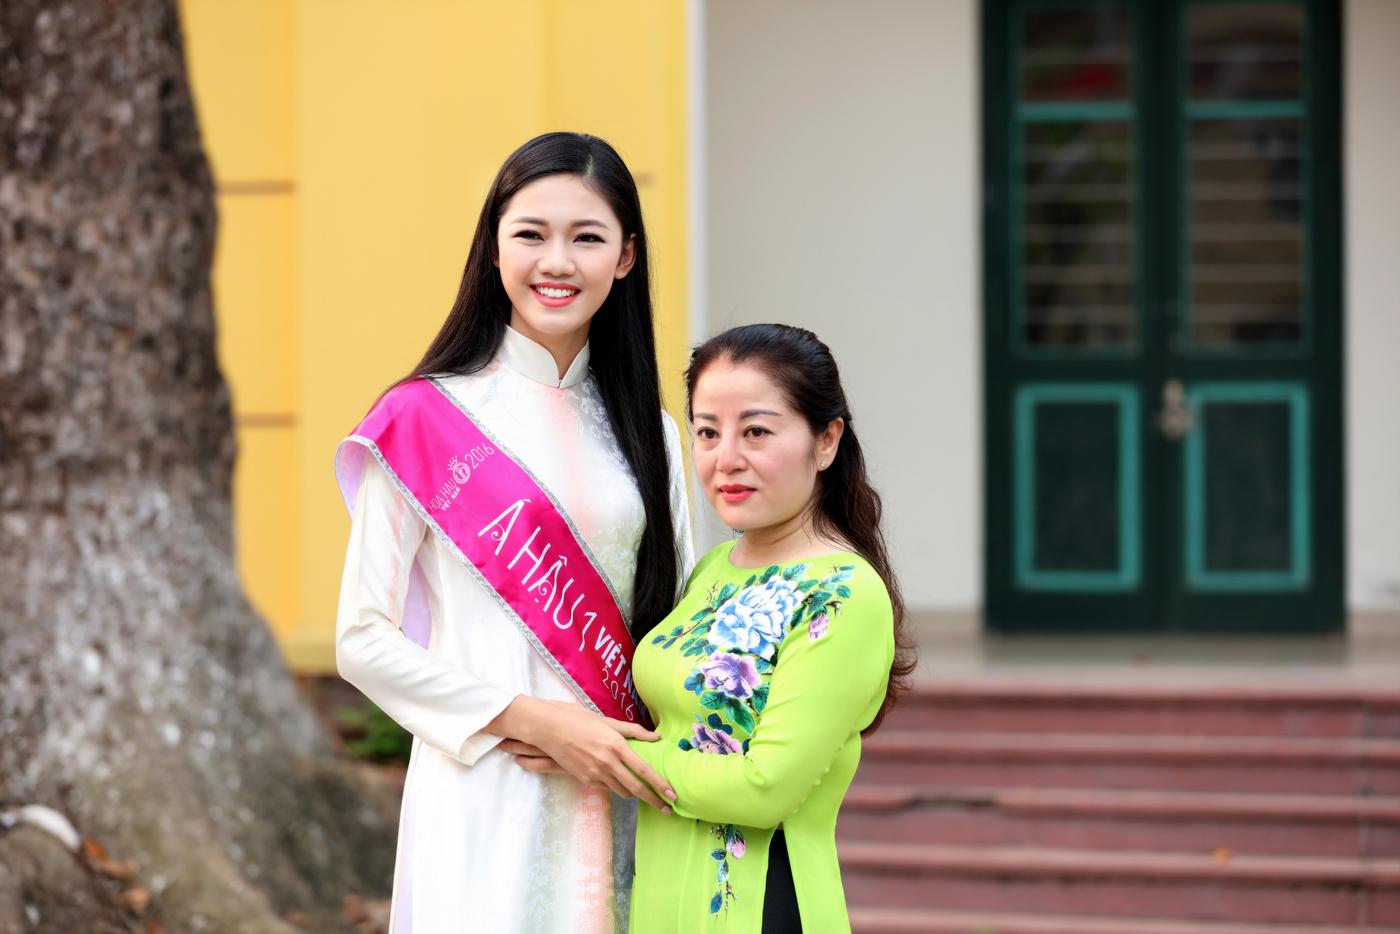 Á hậu 1 Ngô Thanh Thanh Tú về dự lễ khai giảng trường Chu Văn An 9